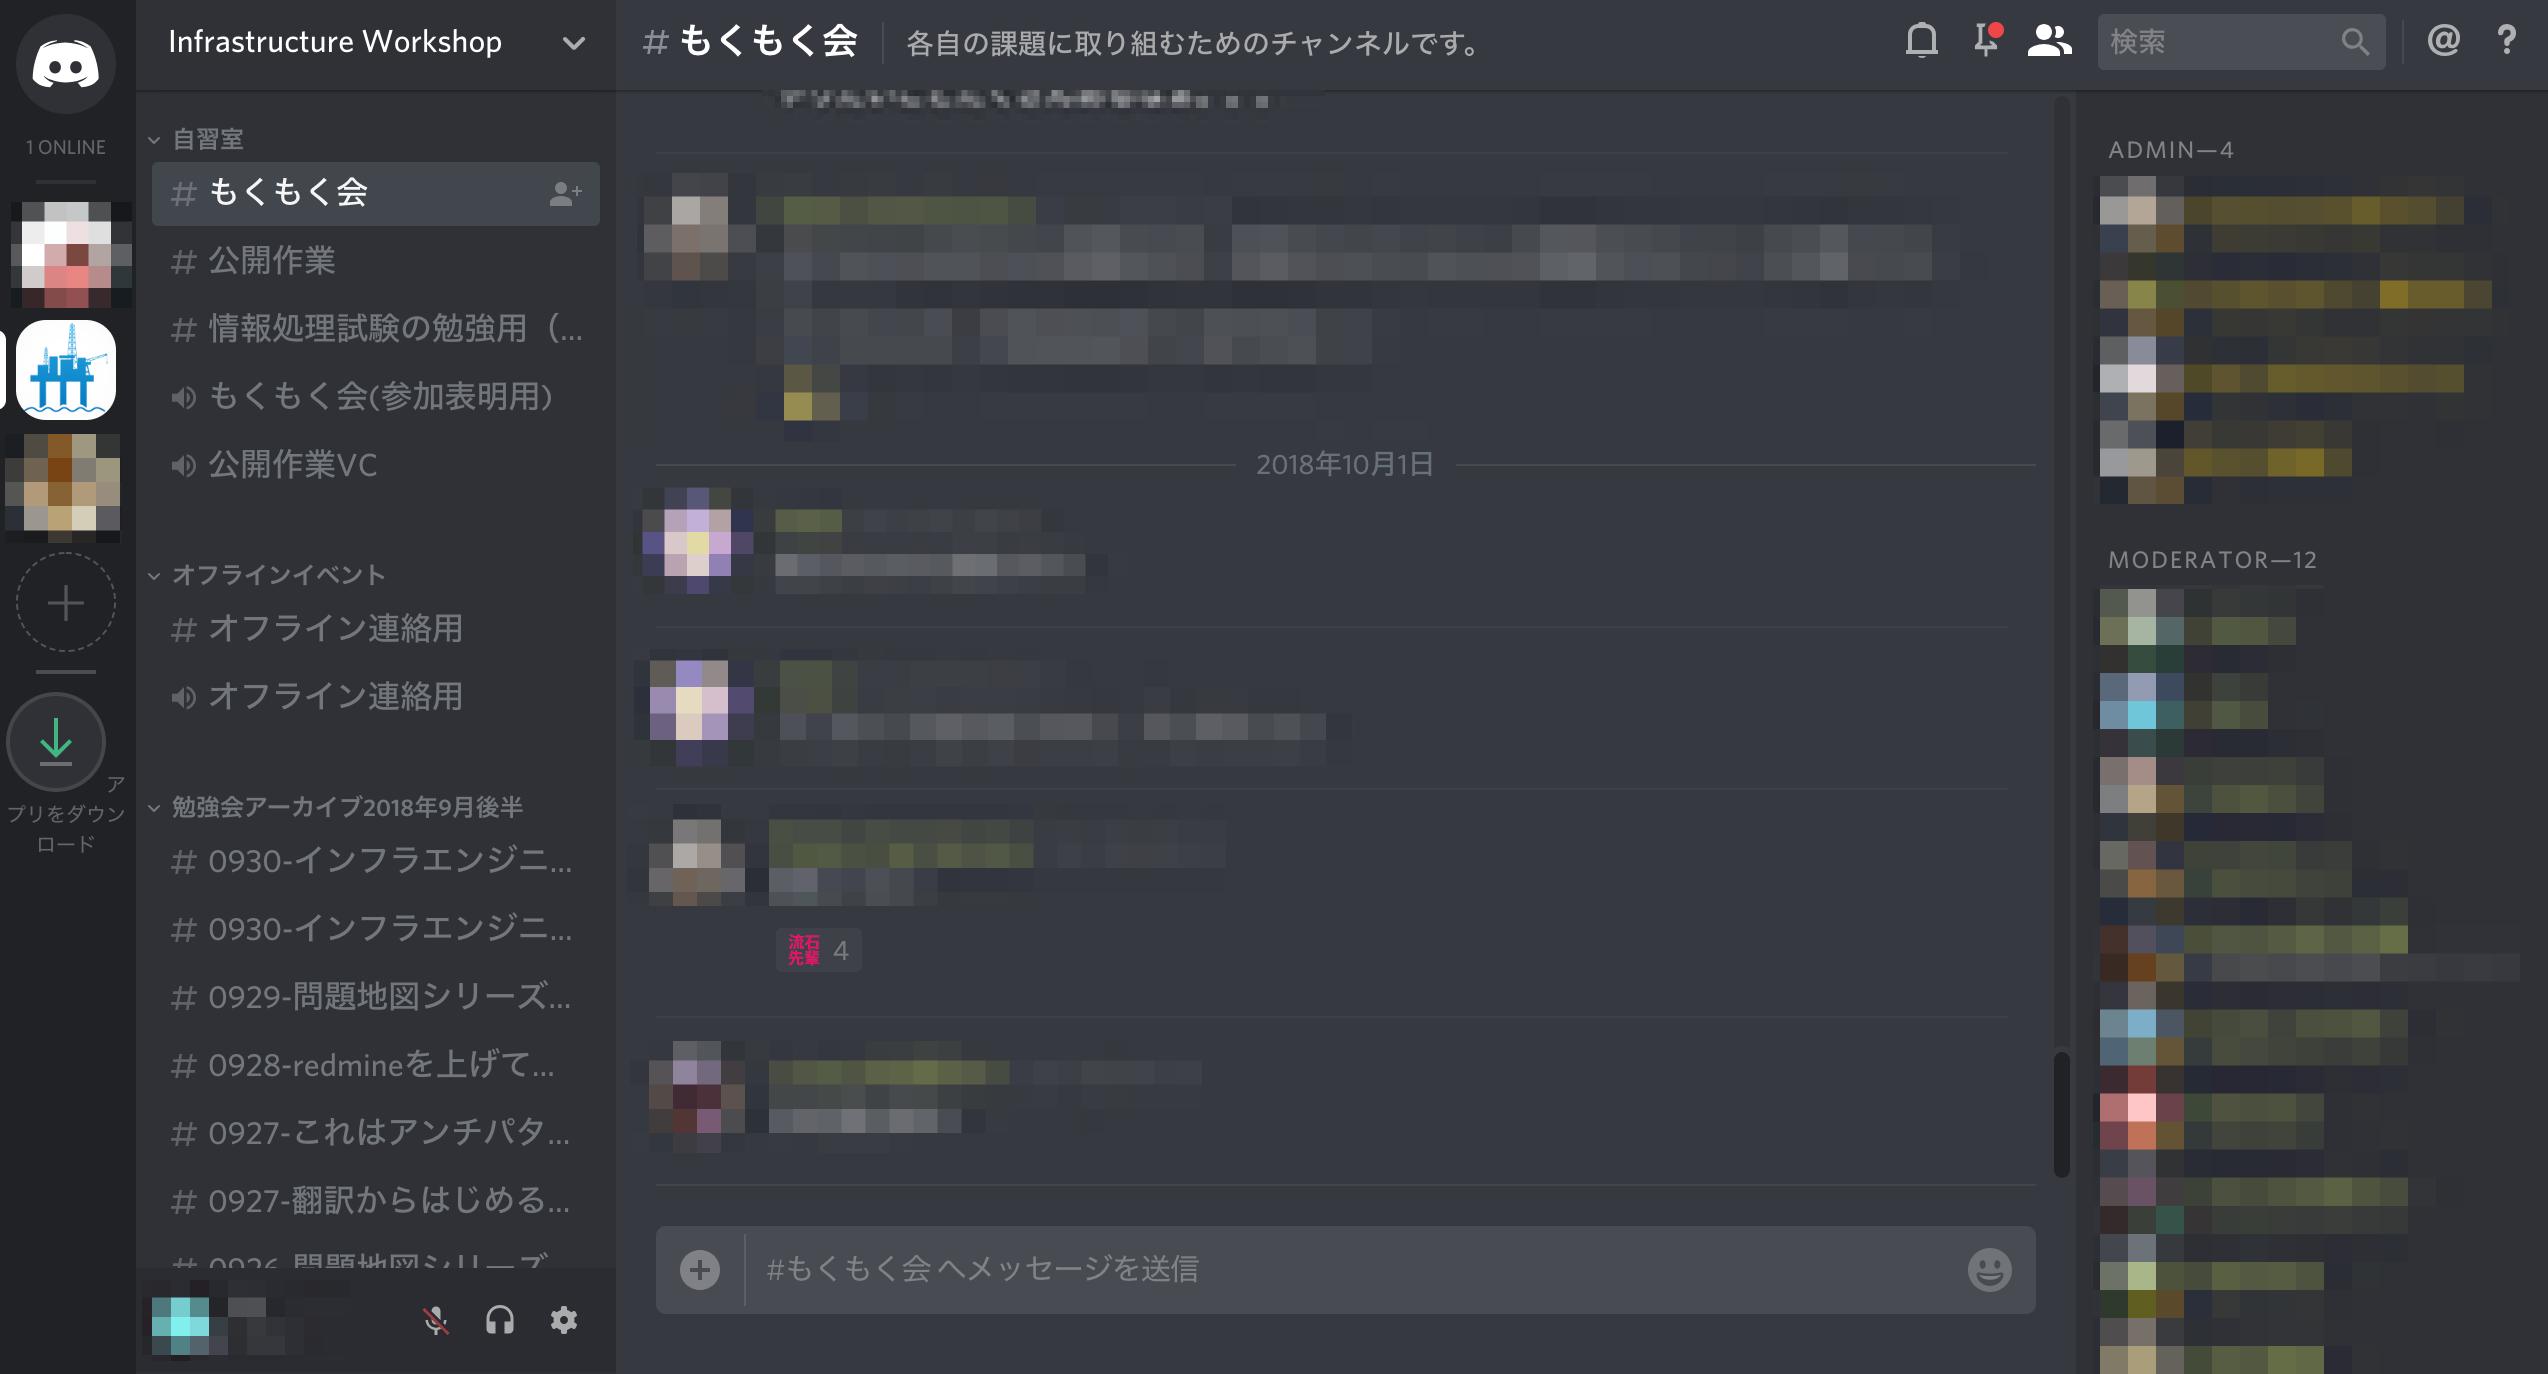 スクリーンショット_2018-10-01_22_30_15.png